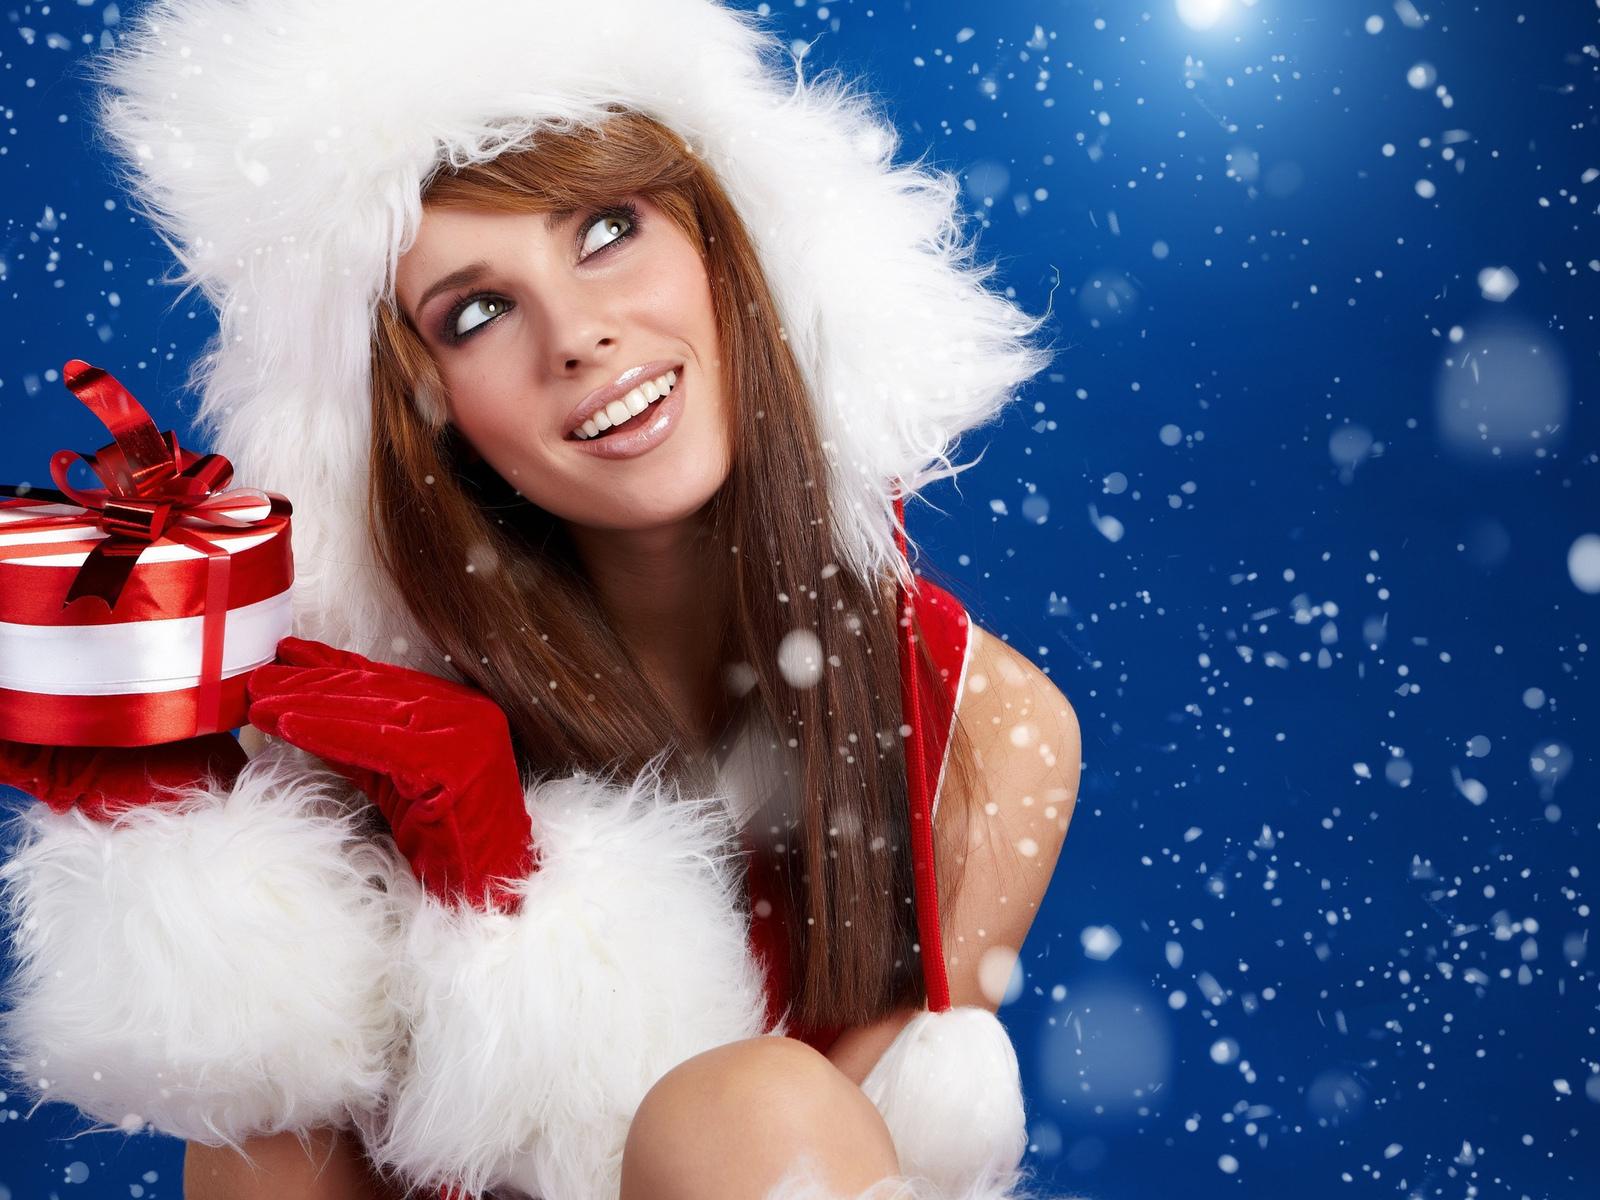 девушка, новый год, подарок, улыбка